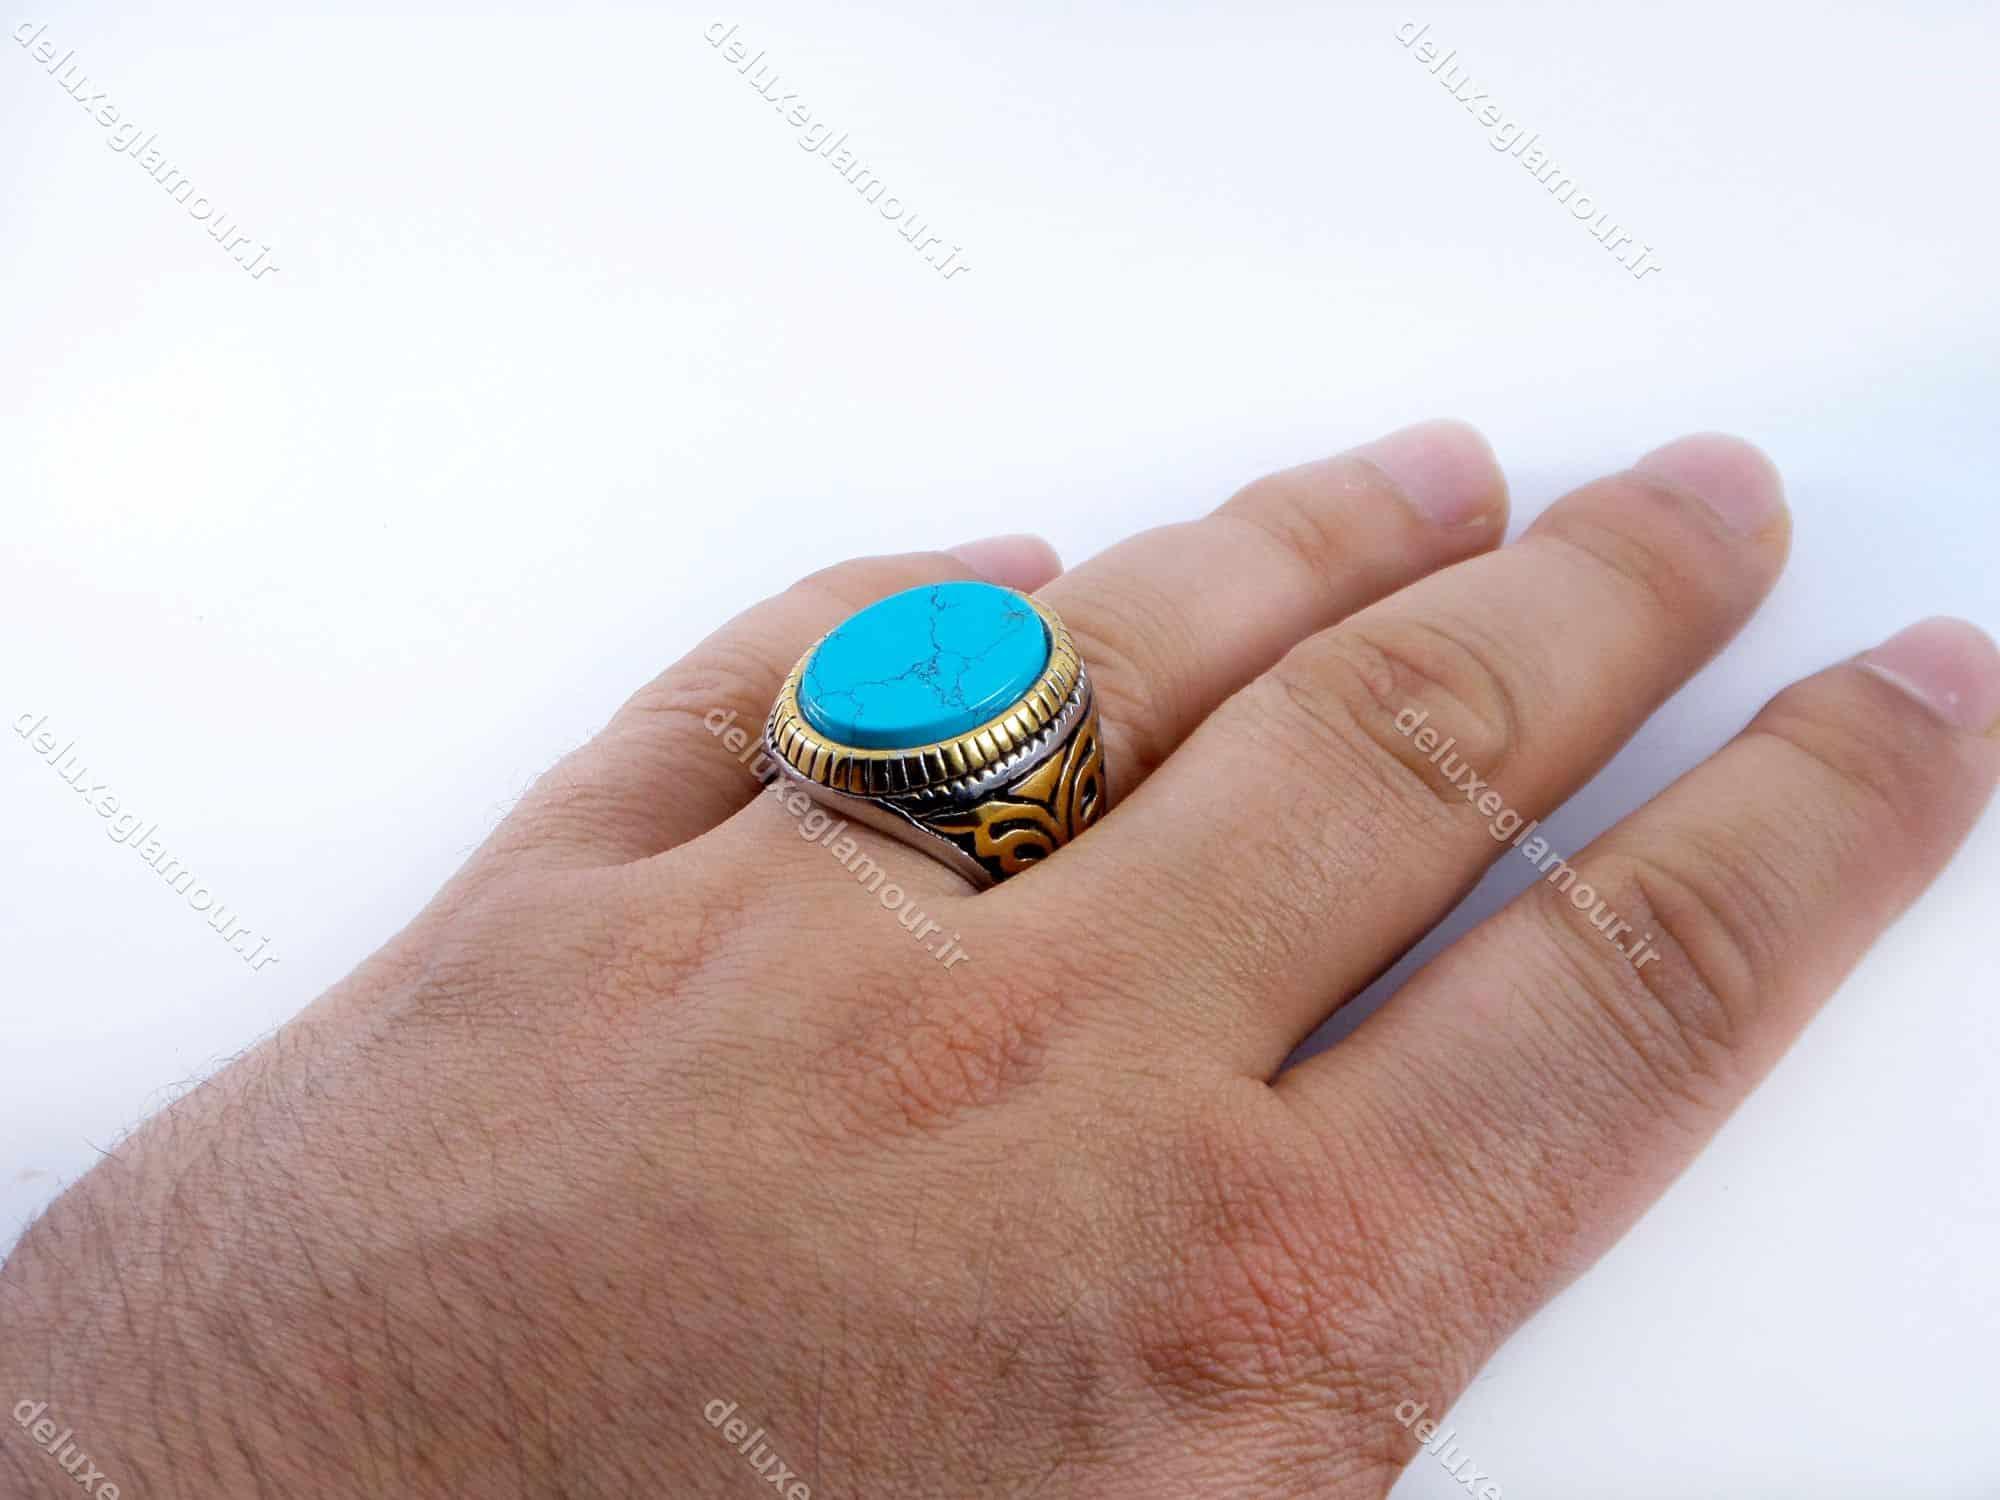 انگشتر مردانه استیل طرح فیروزه دو رنگ نقره ای و طلایی PR-M107